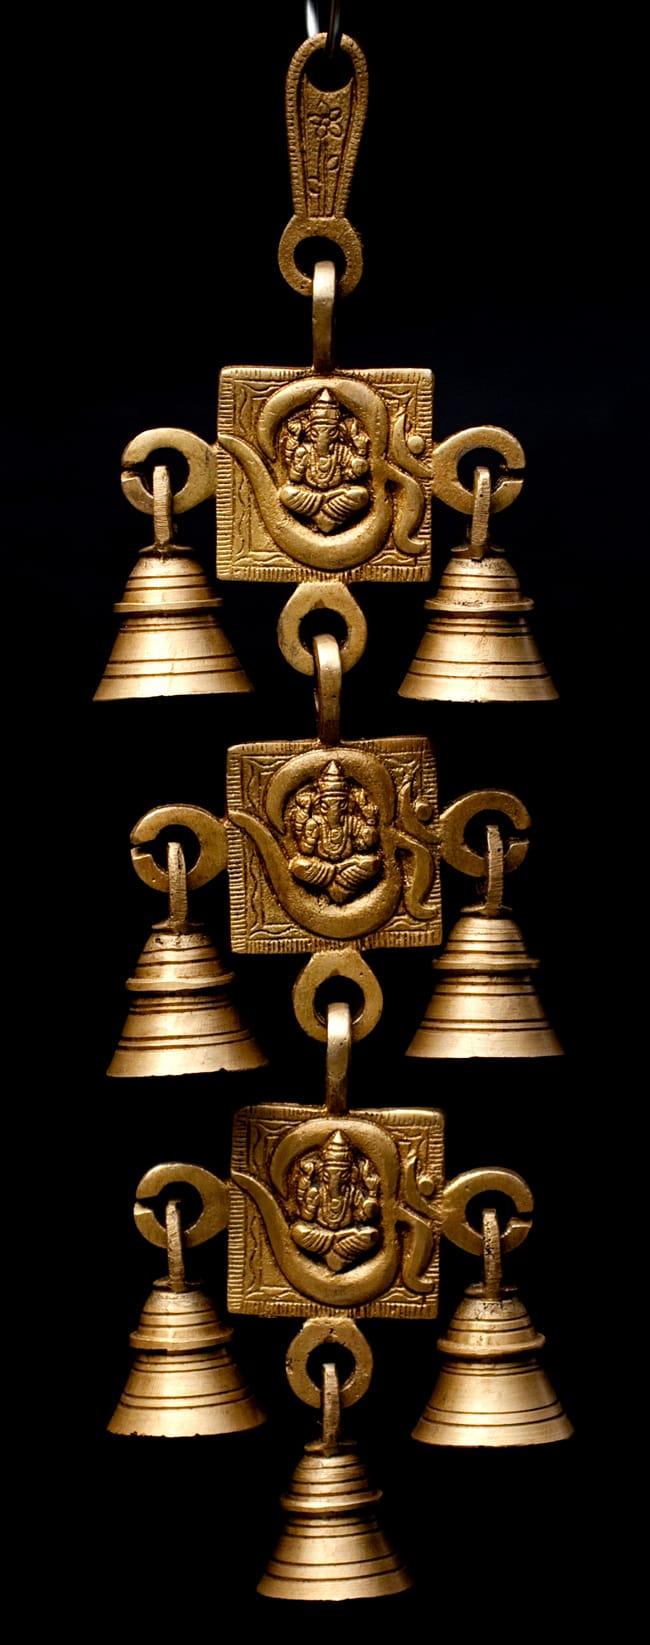 インドの神様ベル【3段】の写真